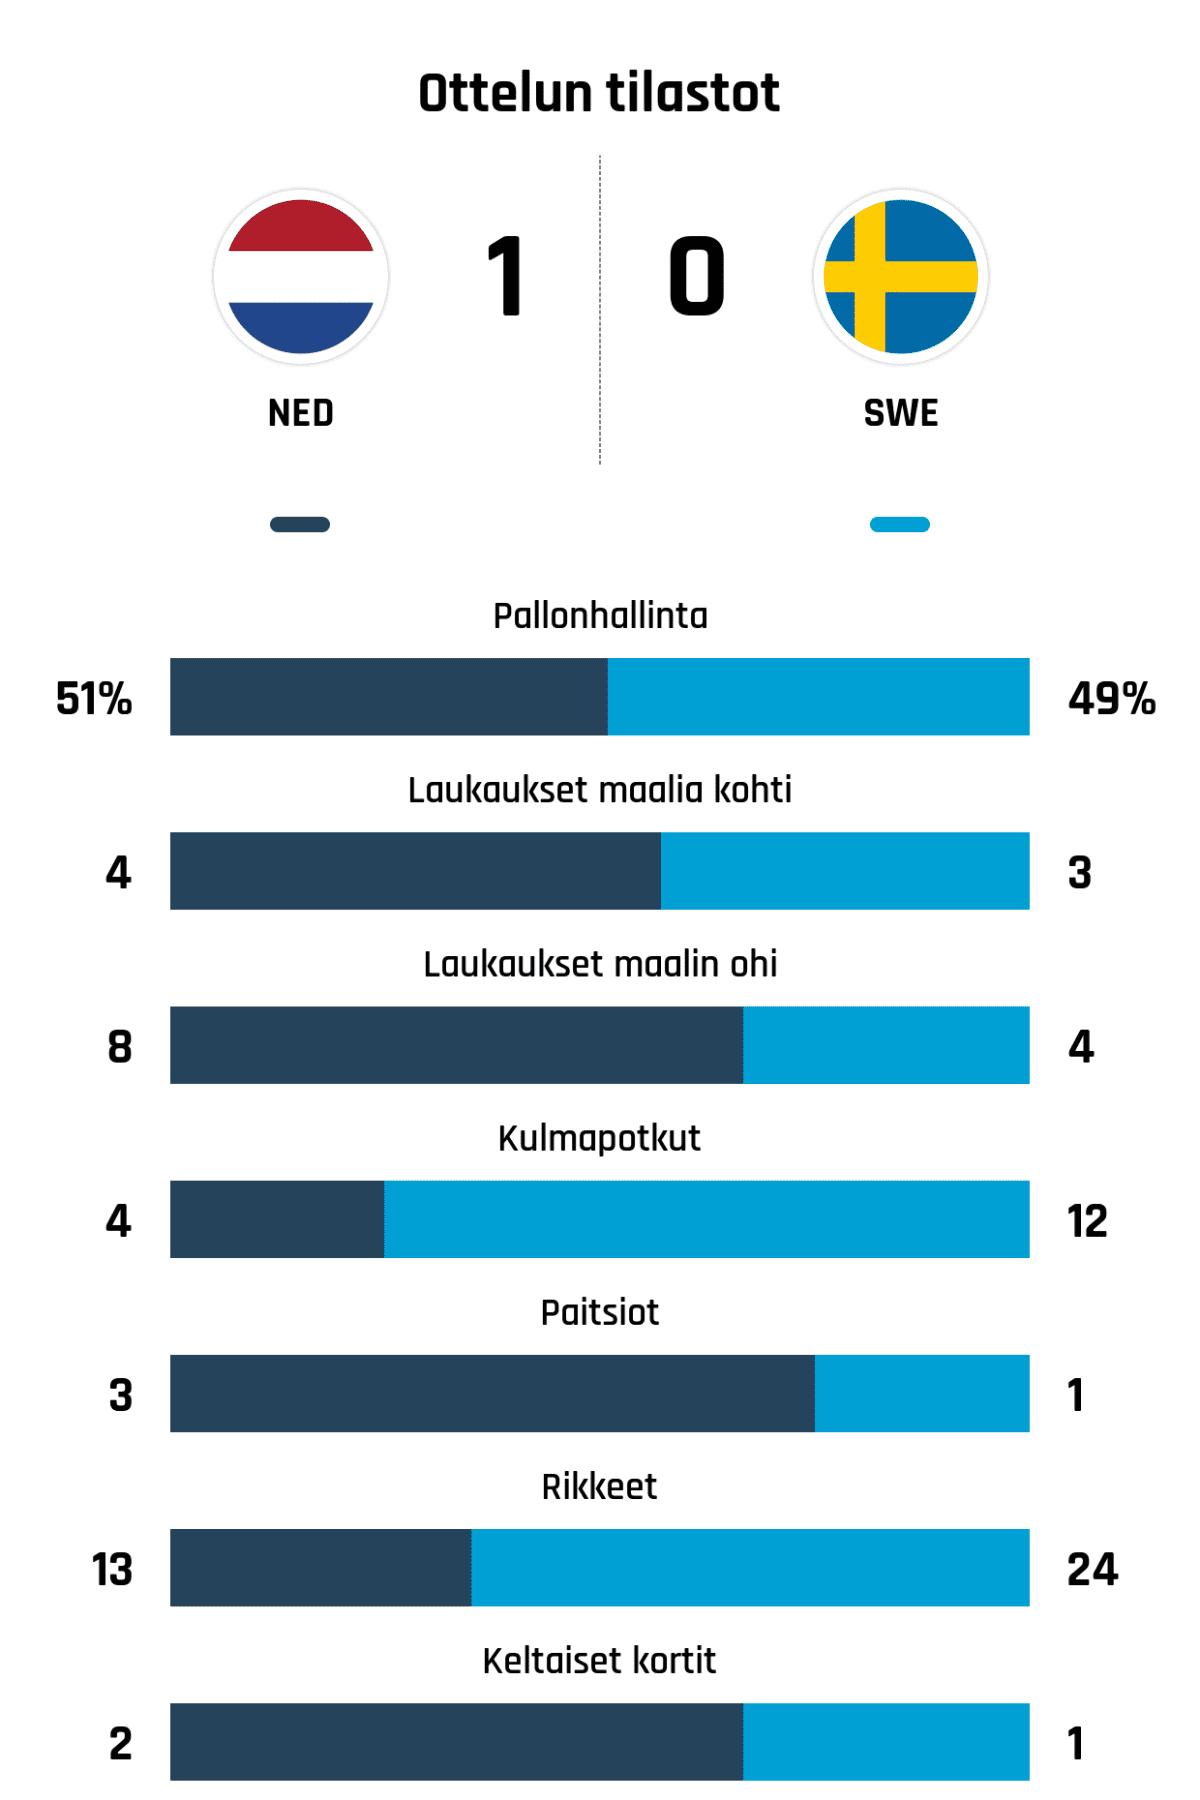 Pallonhallinta 51%-49% Laukaukset maalia kohti 4-3 Laukaukset maalin ohi 8-4 Kulmapotkut 4-12 Paitsiot 3-1 Rikkeet 13-24 Keltaiset kortit 2-1